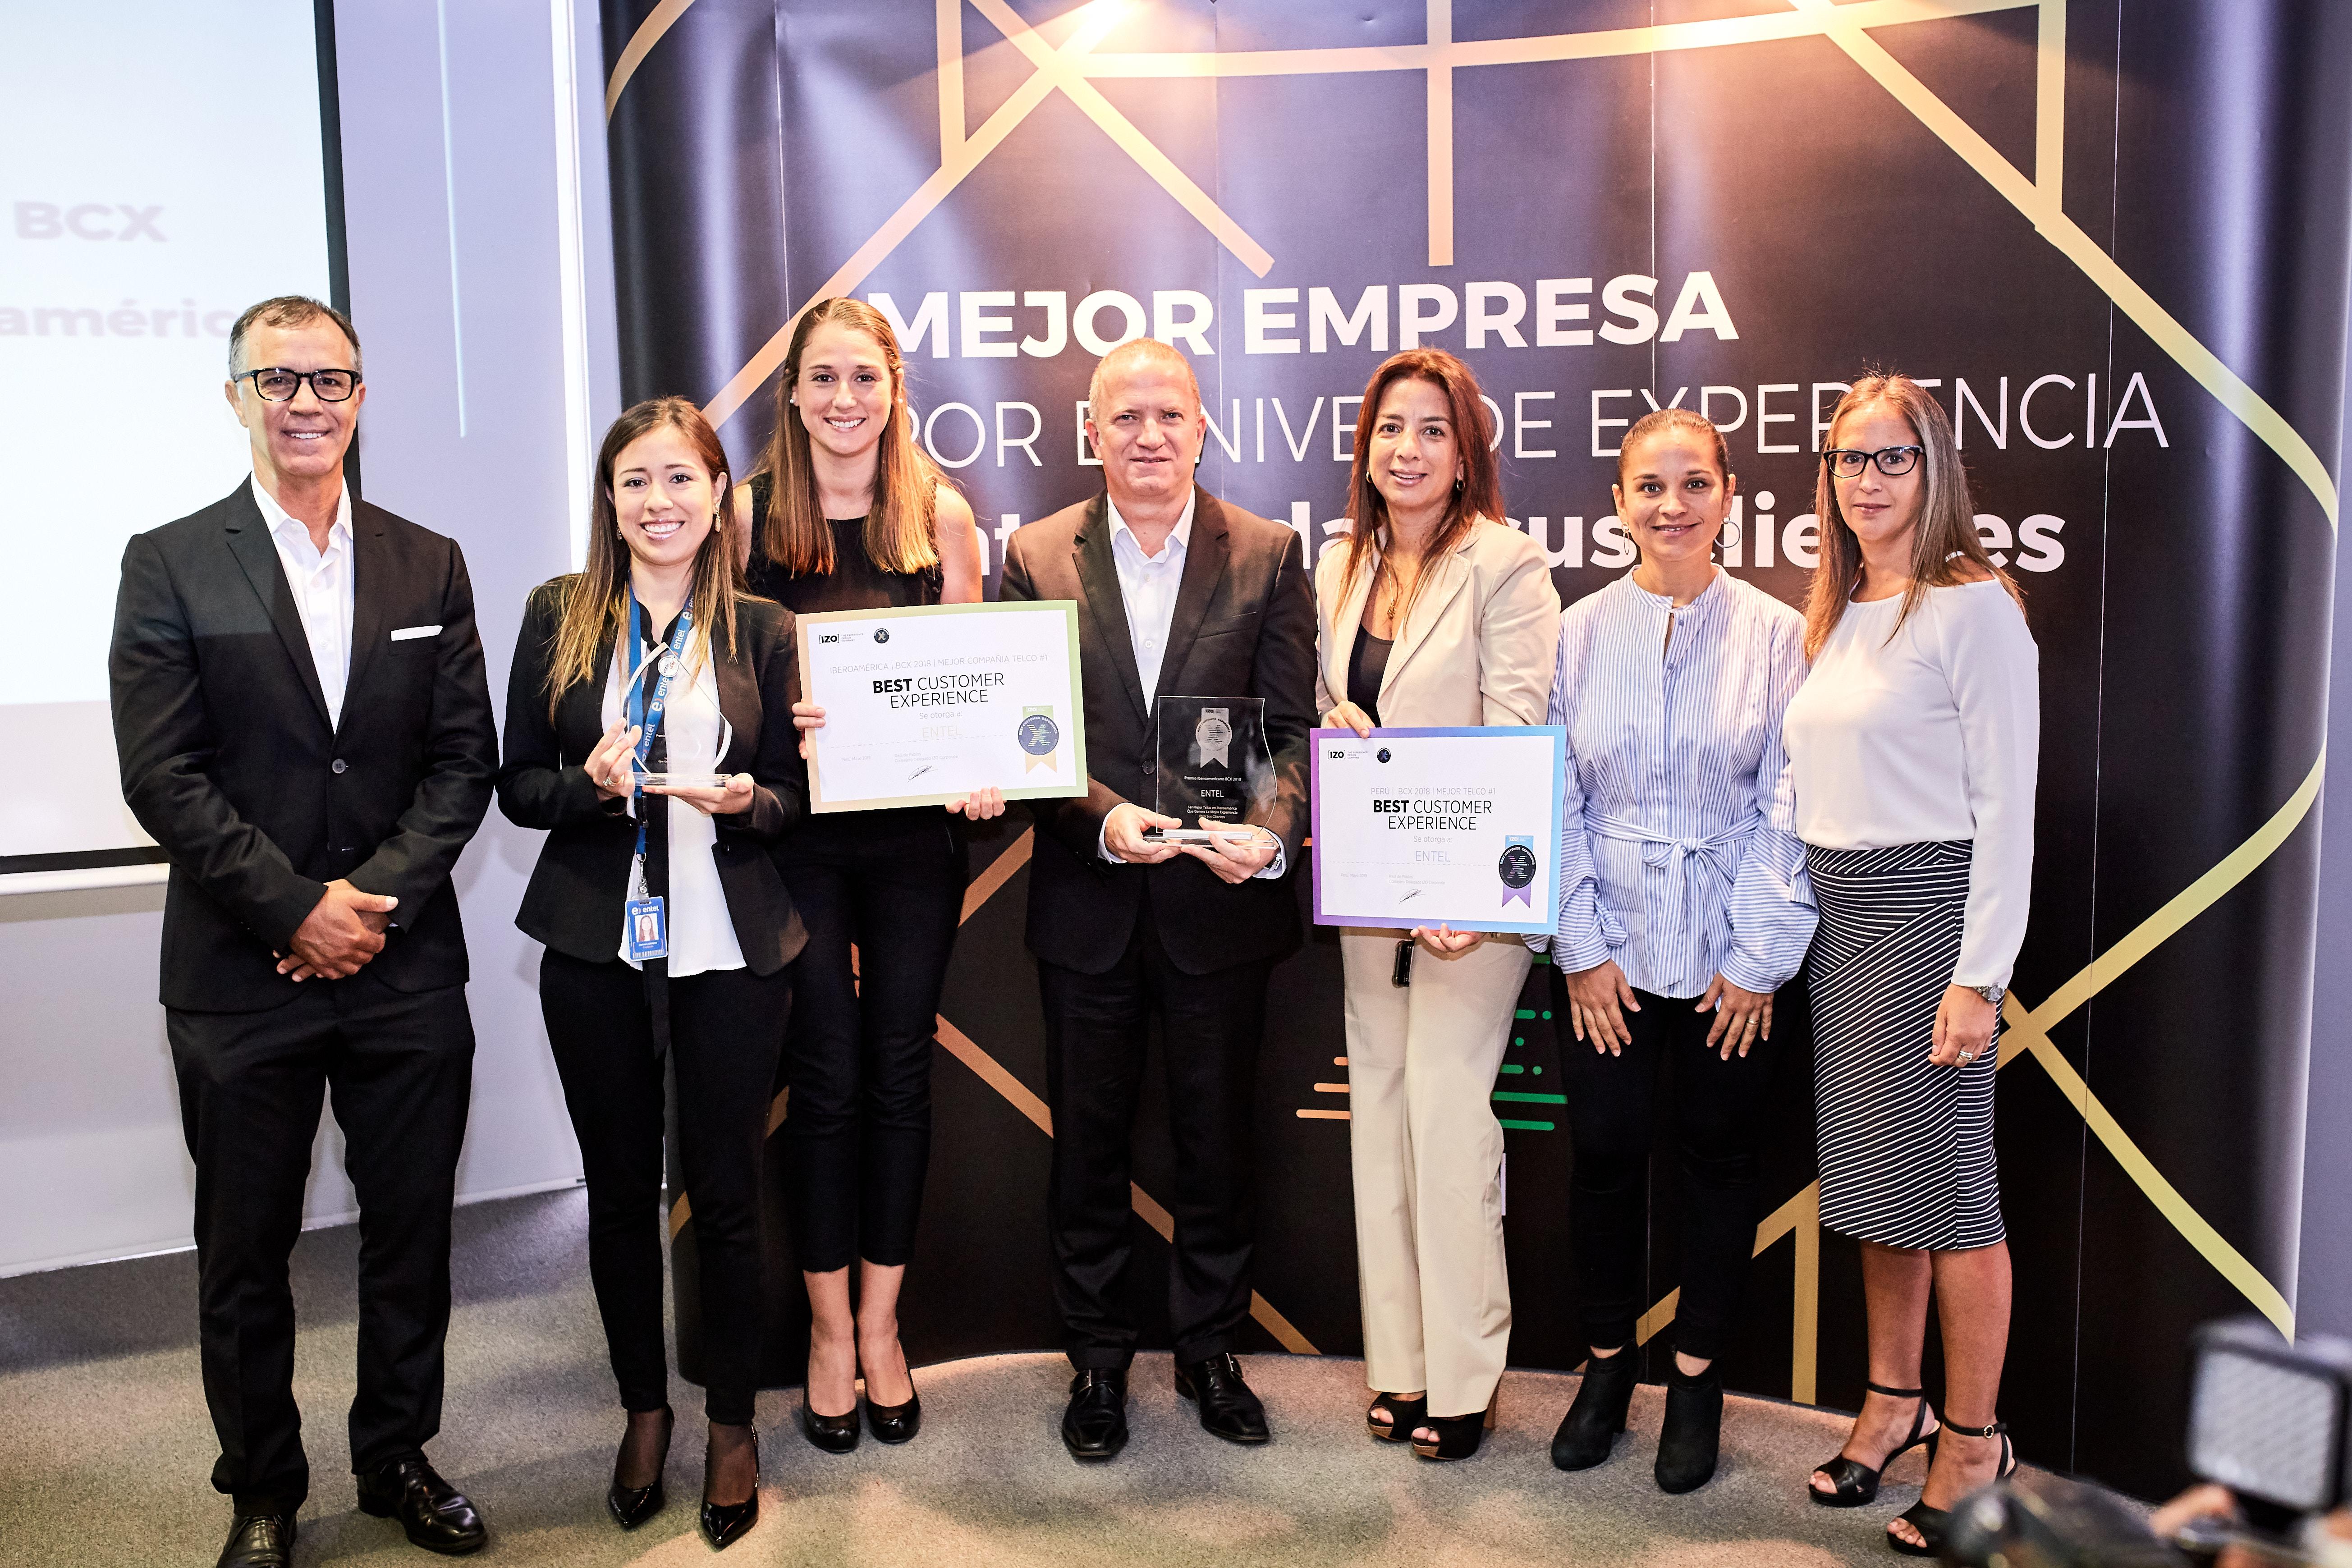 Entel es reconocida por ofrecer la mejor Experiencia de Cliente en Perú e Iberoamérica en el 2018